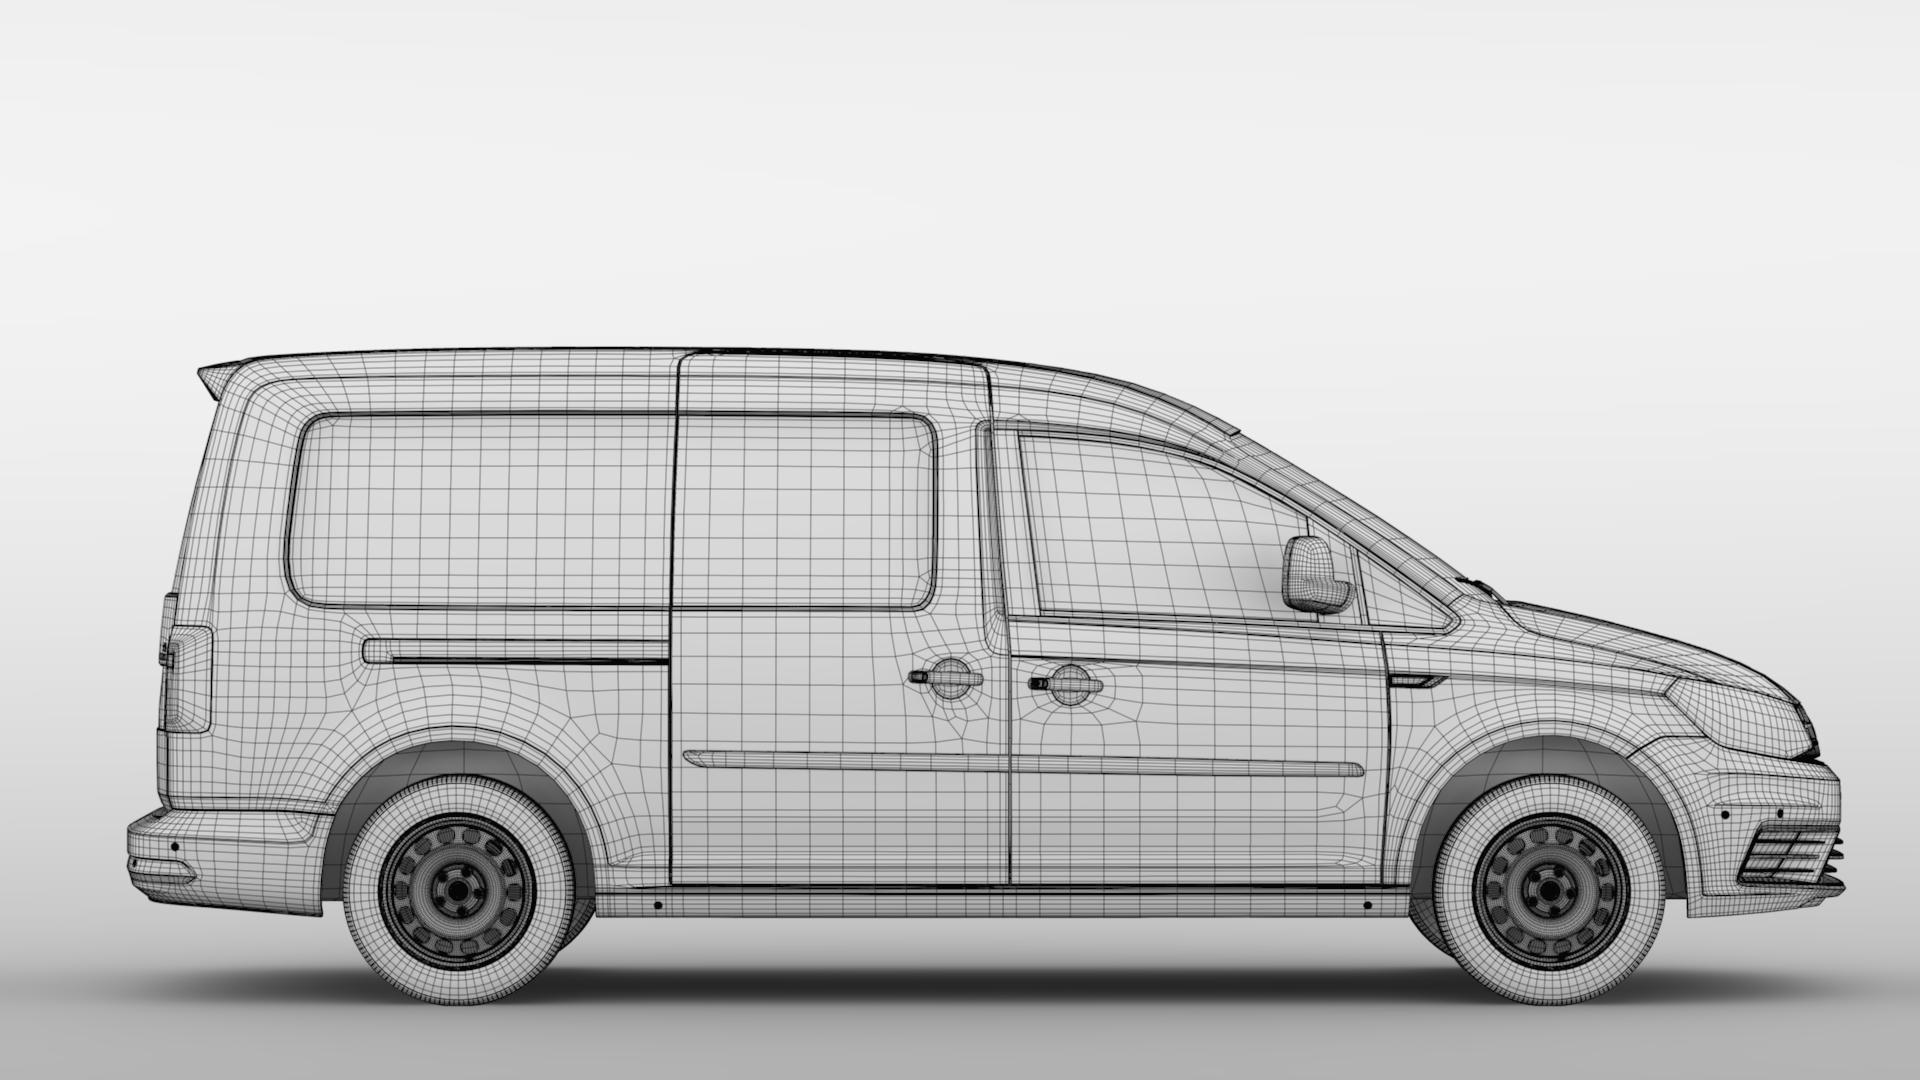 volkswagen caddy panel van l2 2017 3d model max fbx c4d lwo ma mb hrc xsi obj 274616